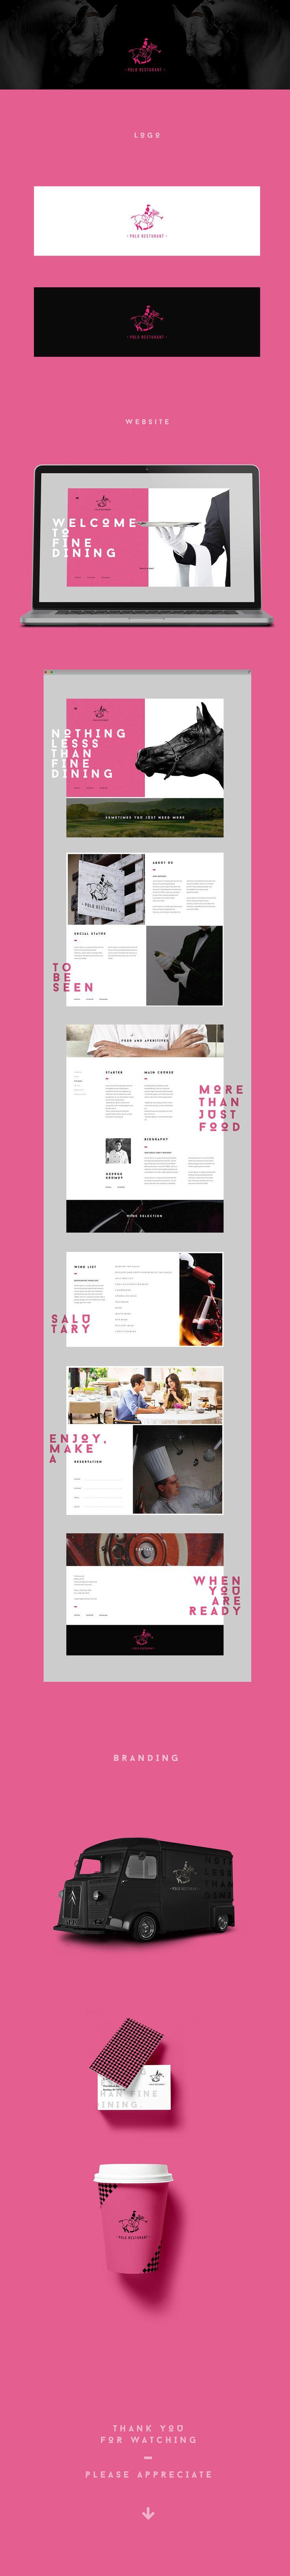 """Cool website design """"Polo Website"""" https://www.behance.net/gallery/28290587/Polo-Website"""